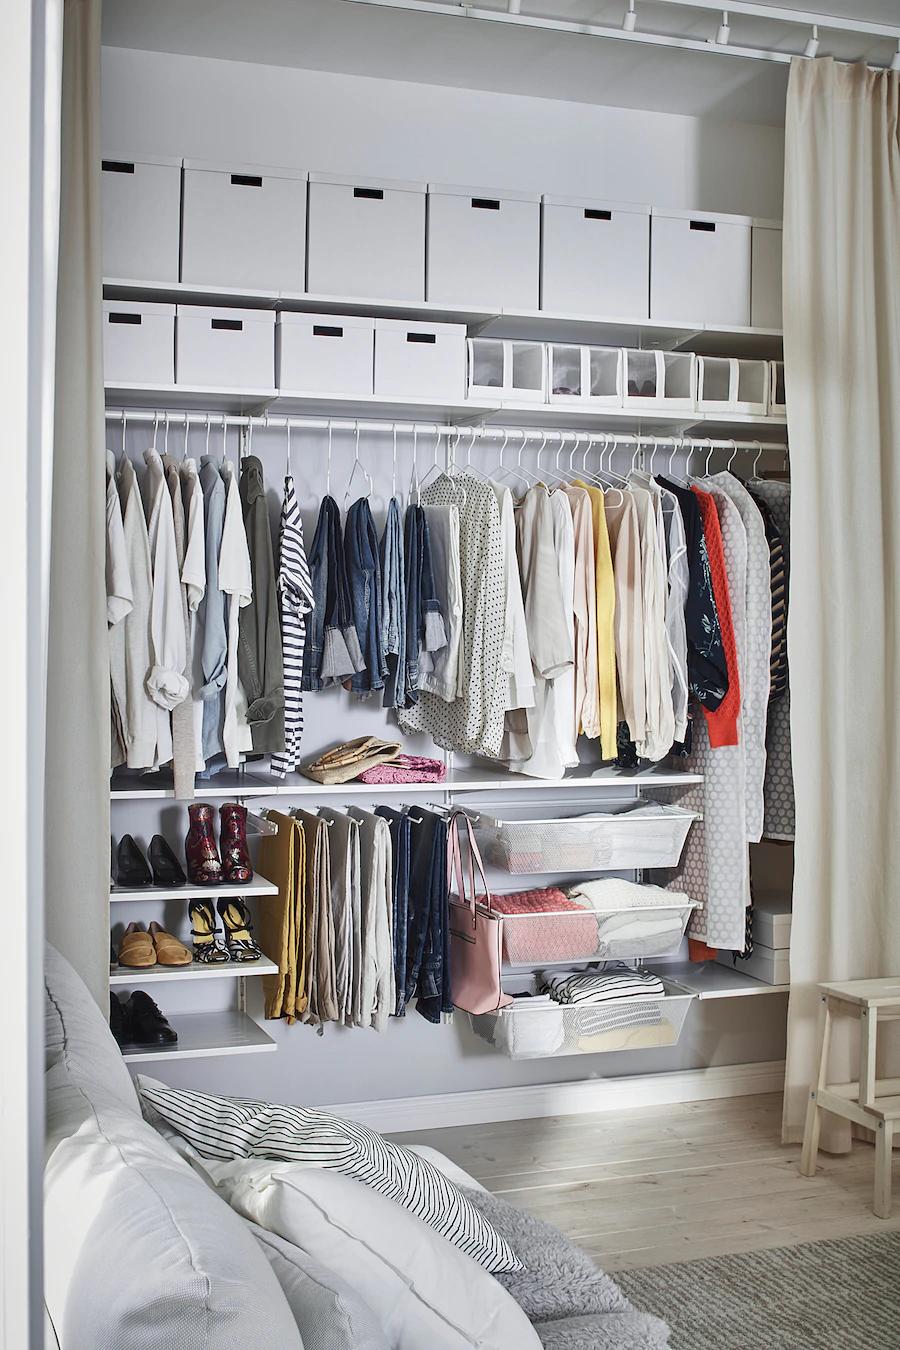 STAJLIG Kleiderbügel, innen/außen - weiß - IKEA Schweiz in 4